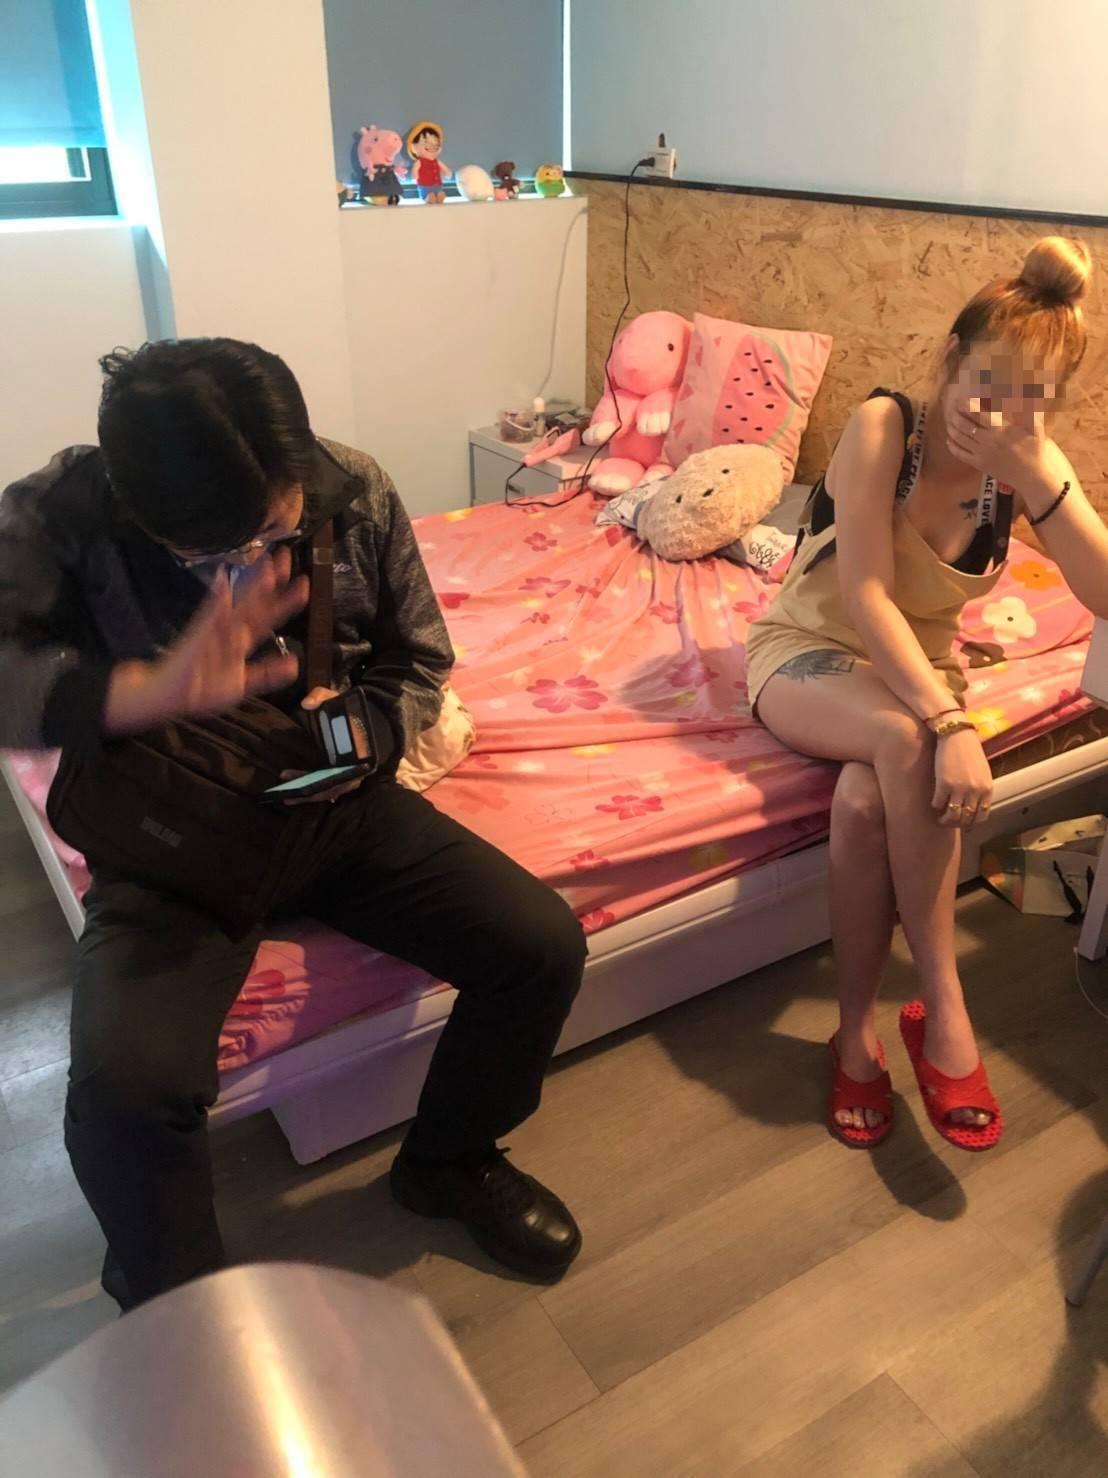 移民署台北市專勤隊自5月22日展開強力查緝,於萬華區查獲4名從事性交易的越籍女子...